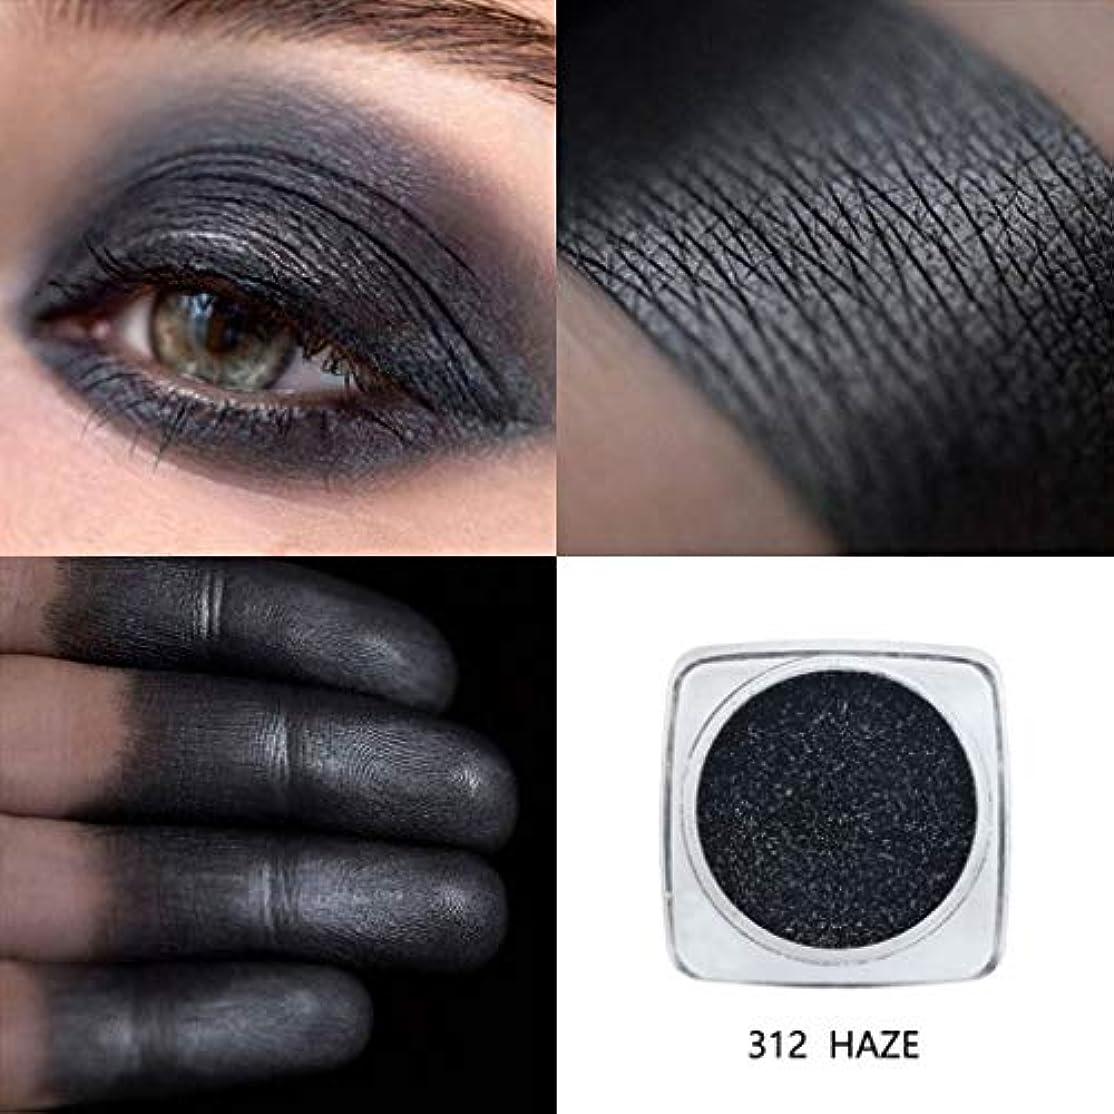 レンチクラッシュ探すAkane アイシャドウパレット PHOERA ファッション 美しい 魅力的 キラキラ ひとつだけ 高級 単なる 綺麗 素敵 持ち便利 日常 Eye Shadow (12色)